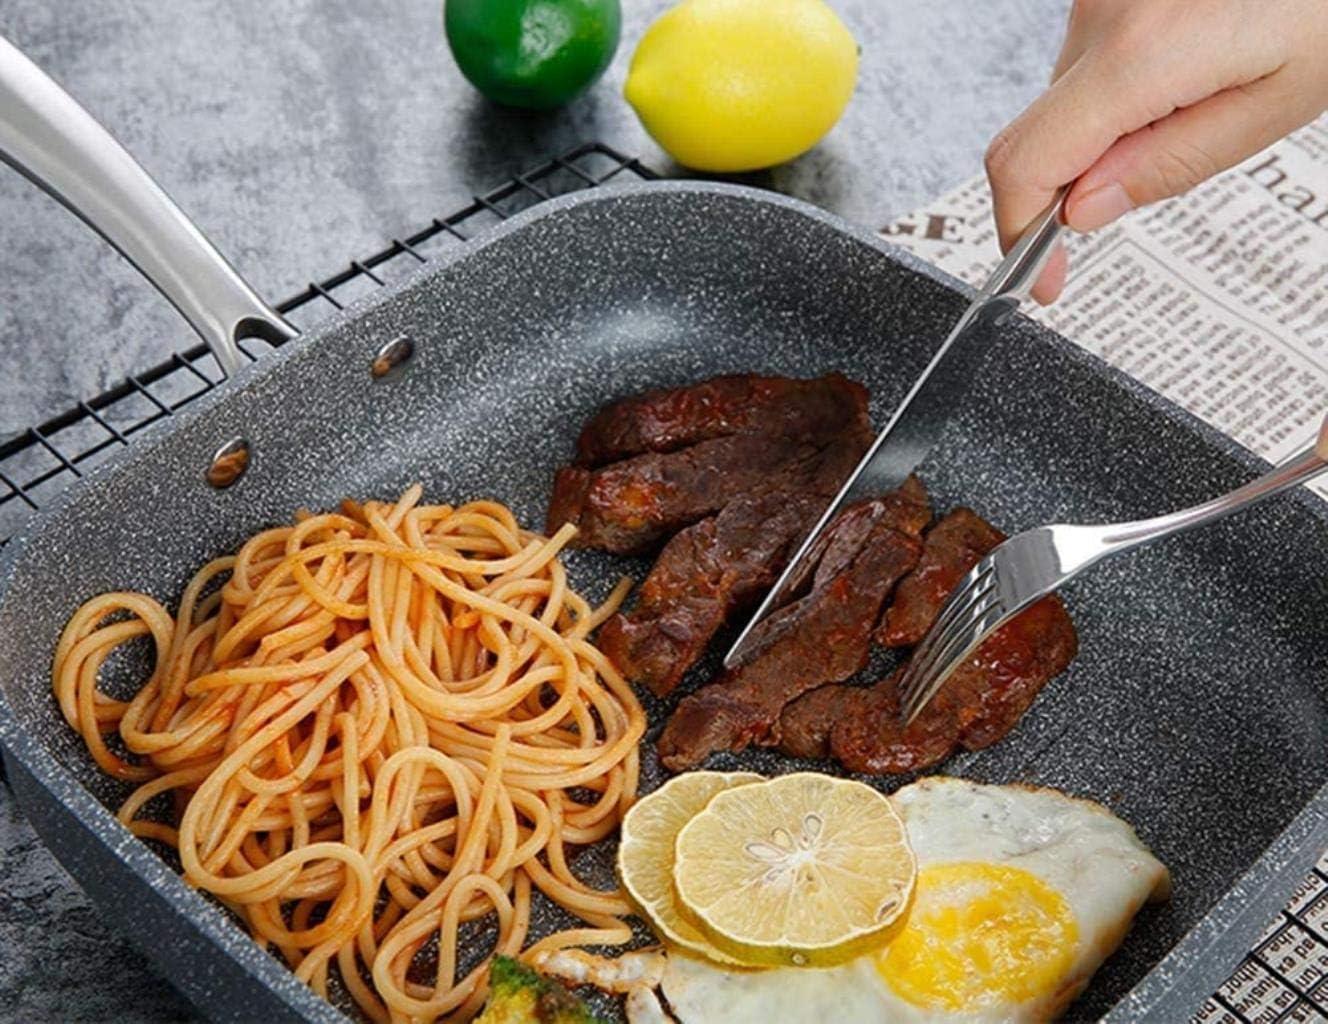 XUHRA Alliage D'Aluminium Casserole Poêle Antiadhésive Crêpes Frites Steak Frites Cuisinière Barbecue De Pique-Nique Pratique pour Wok Propre,Gris,26Cm Gris